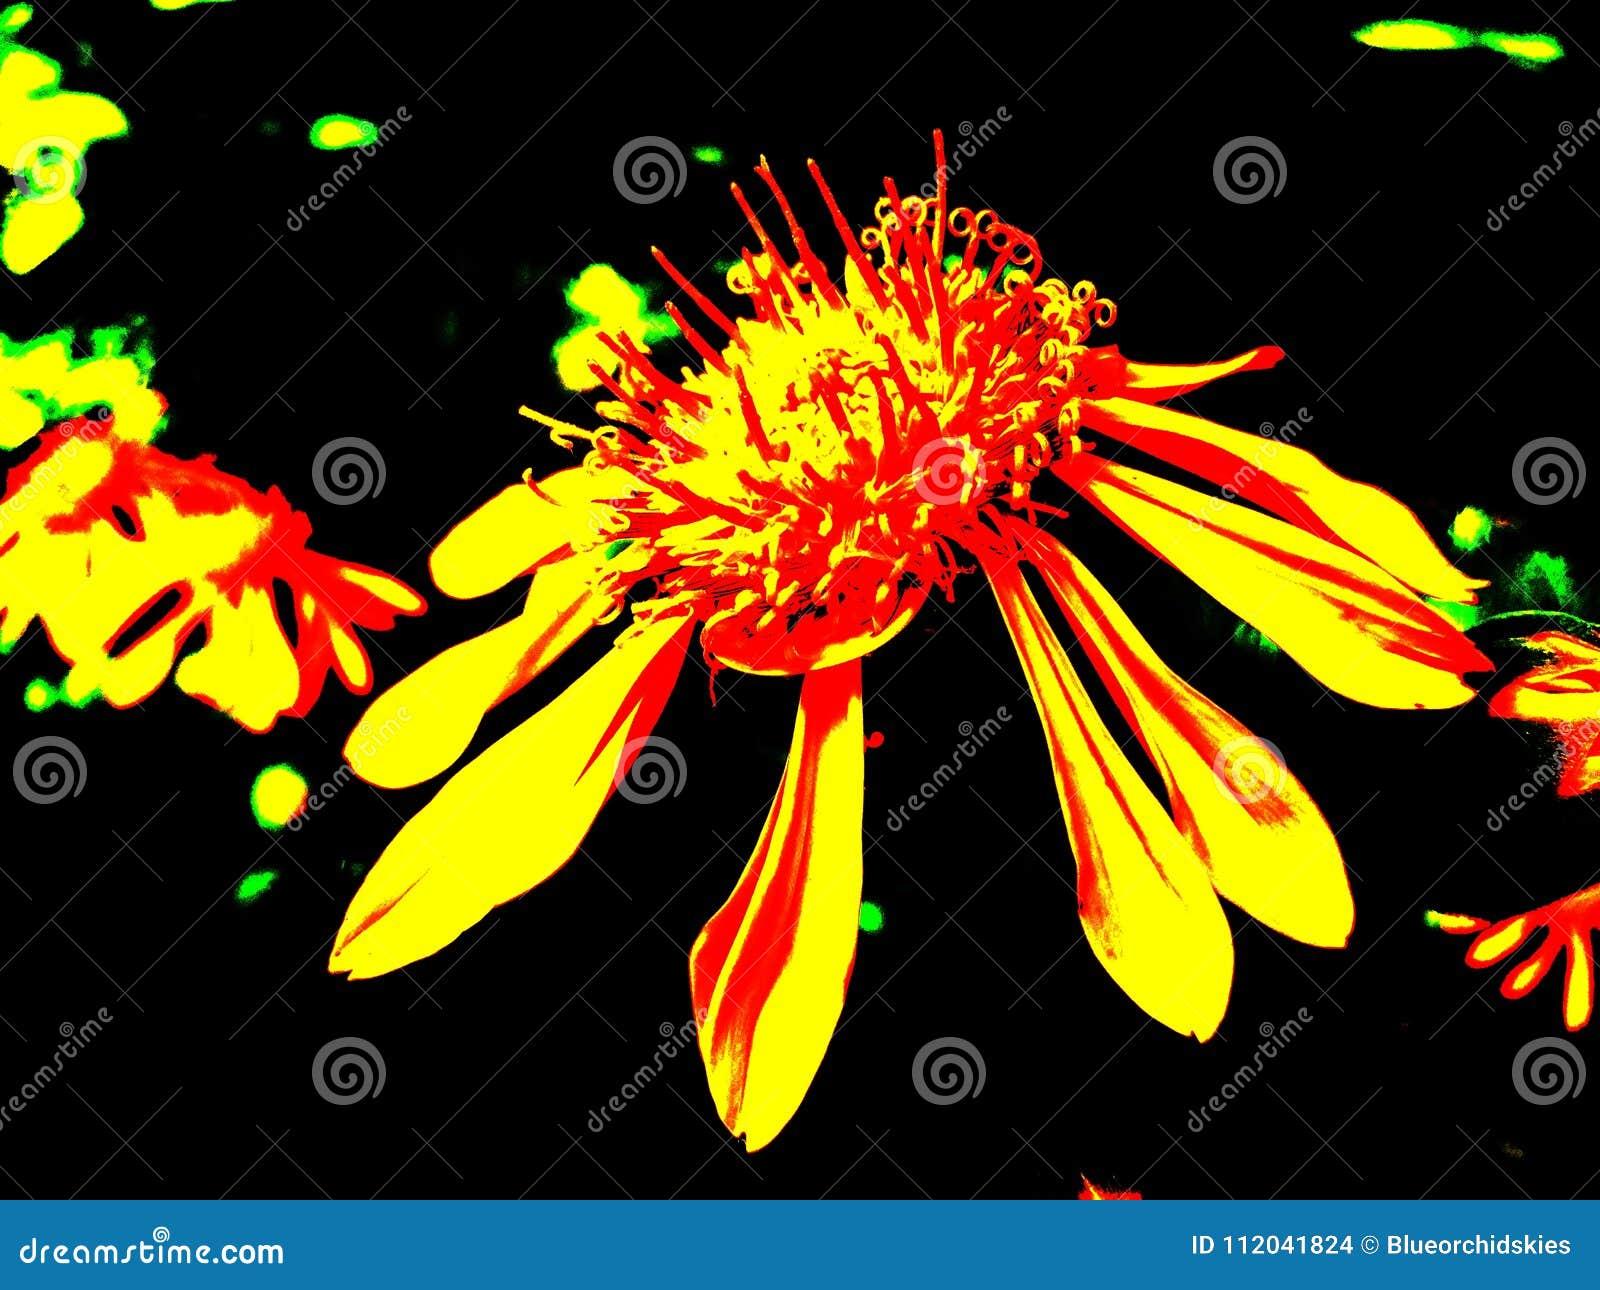 Fluorescent flower clipart